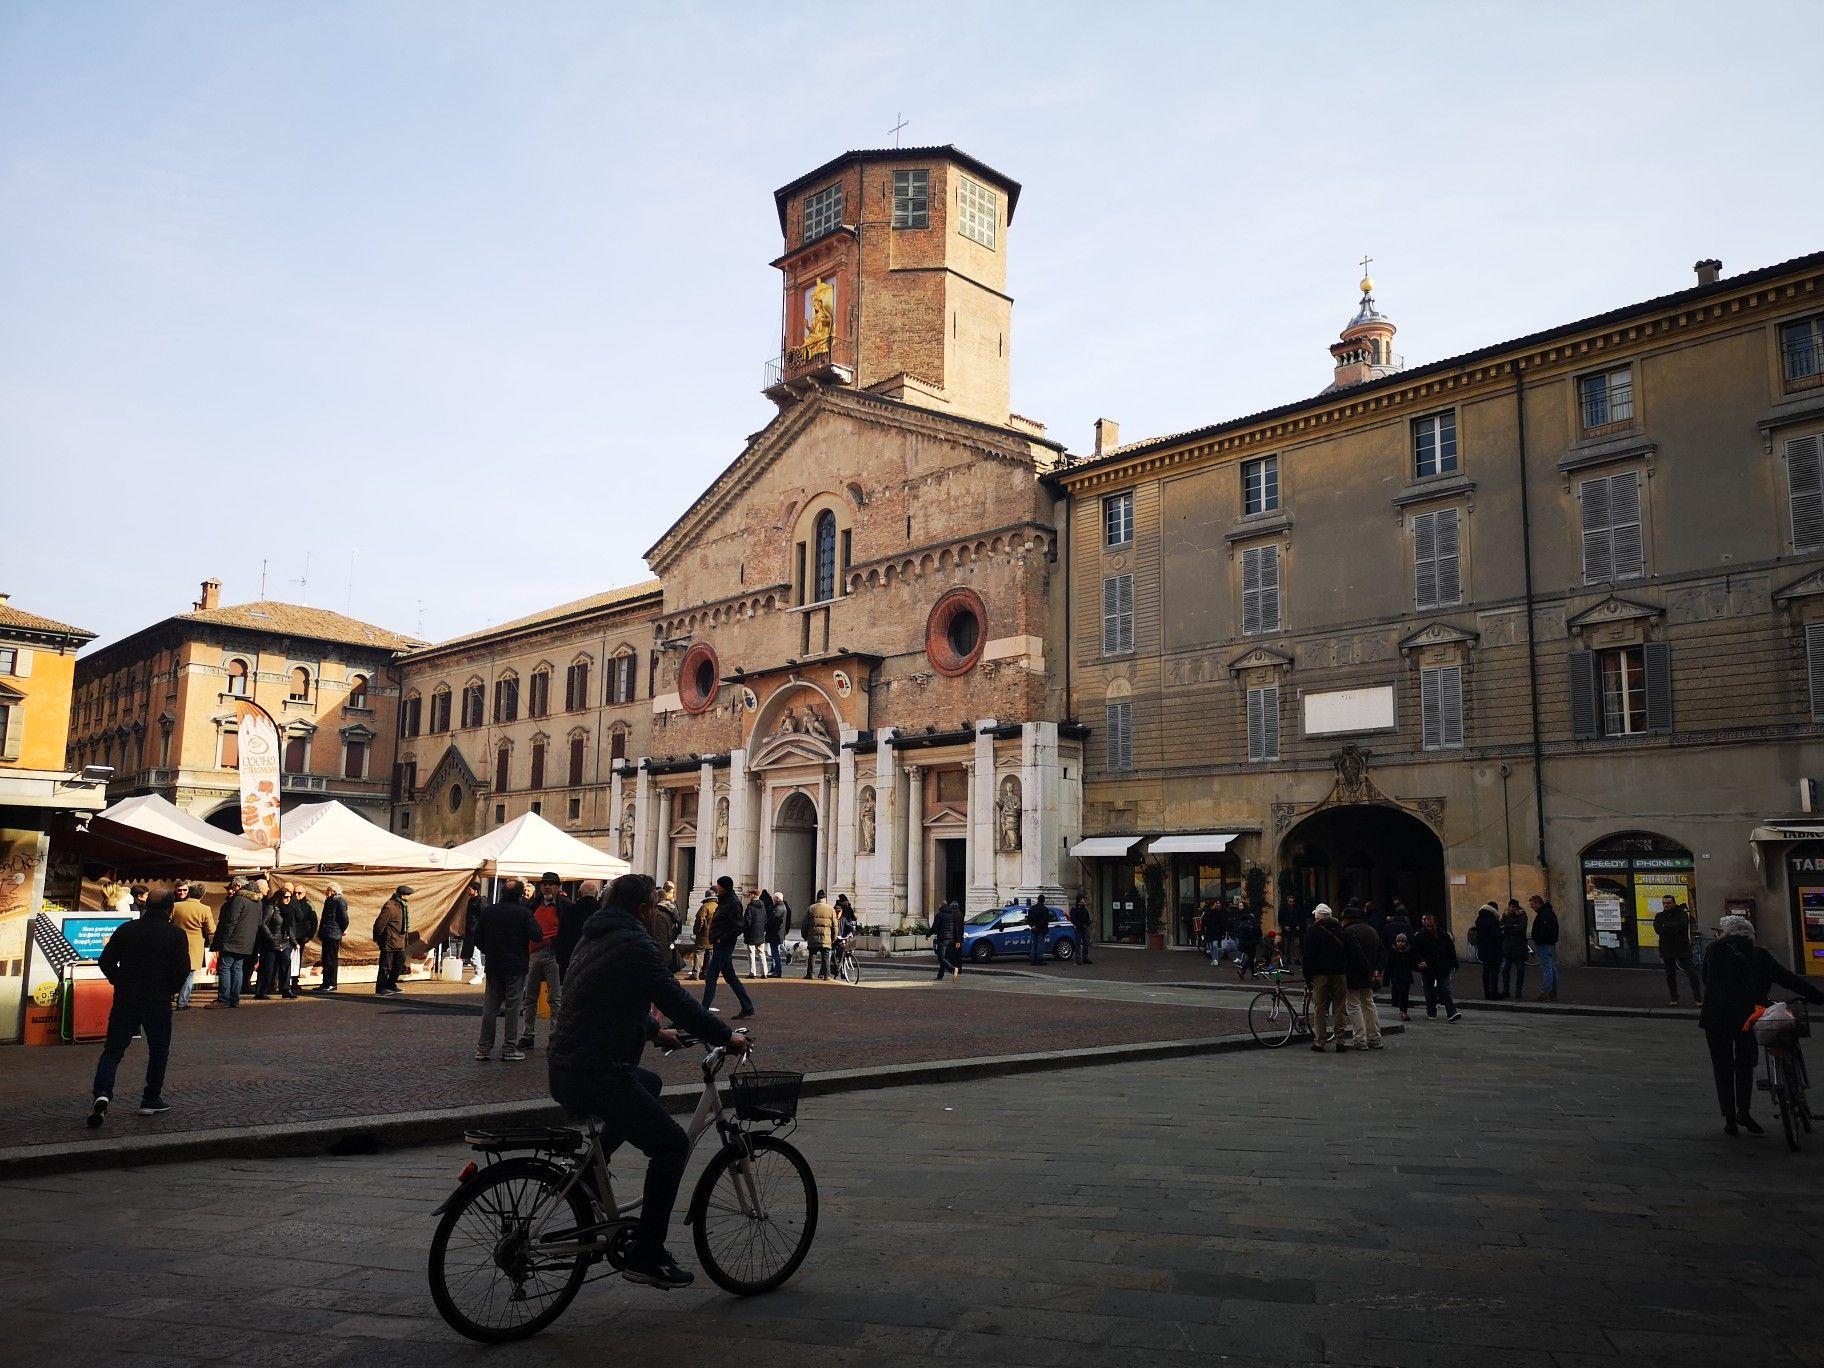 Pin di Chiara Saffioti su Che cosa vedere a Reggio Emilia